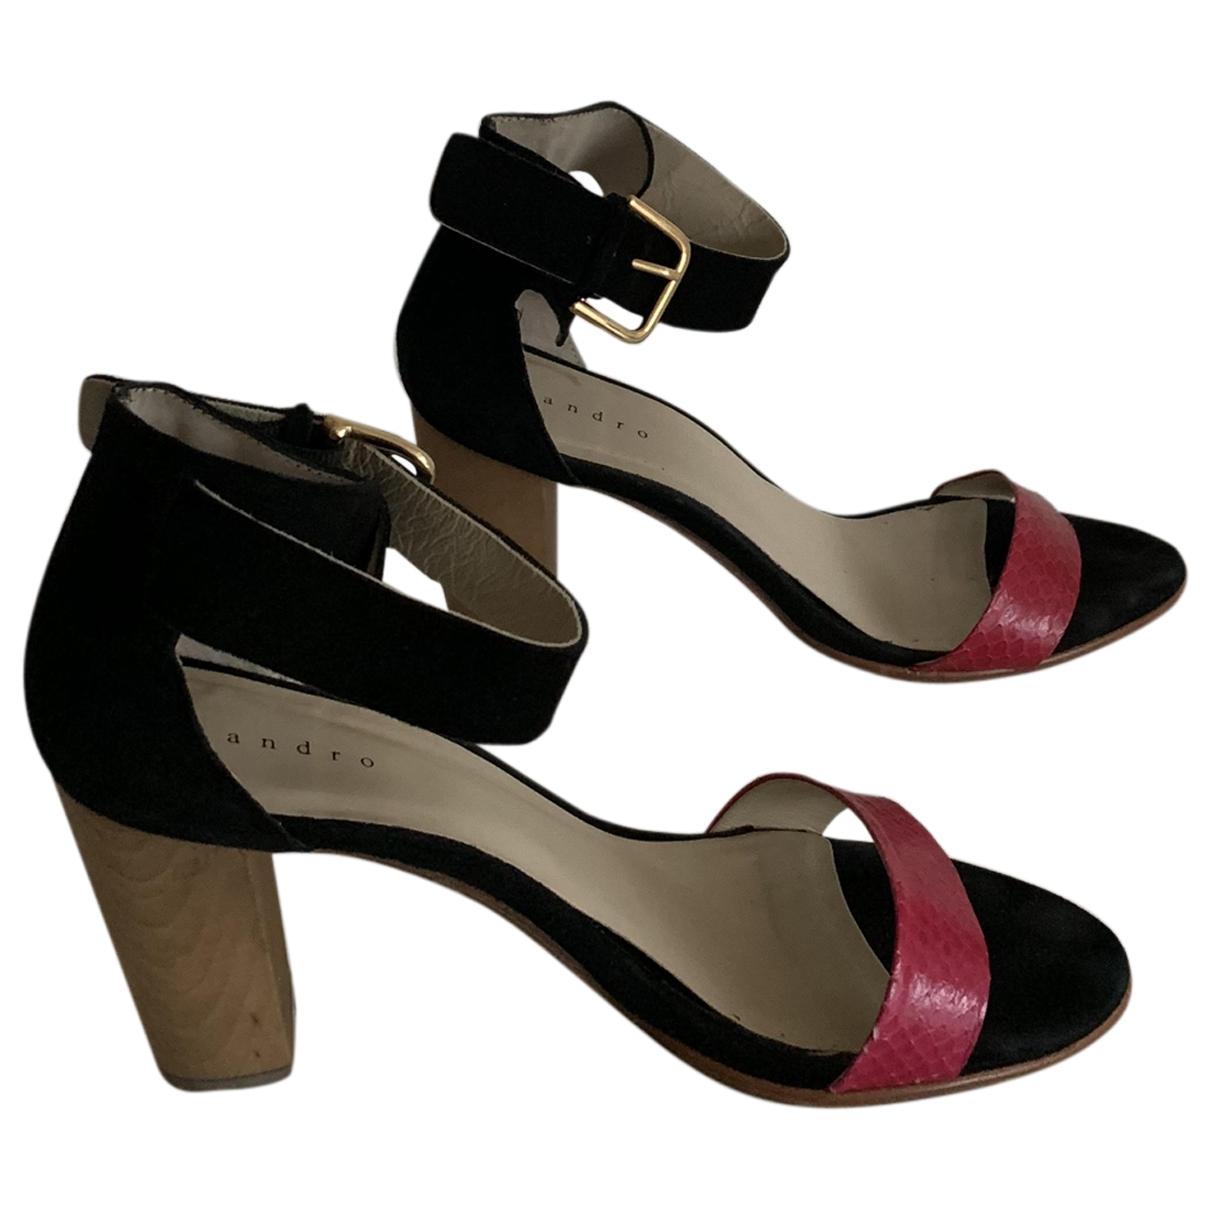 Sandalias de Cuero Sandro